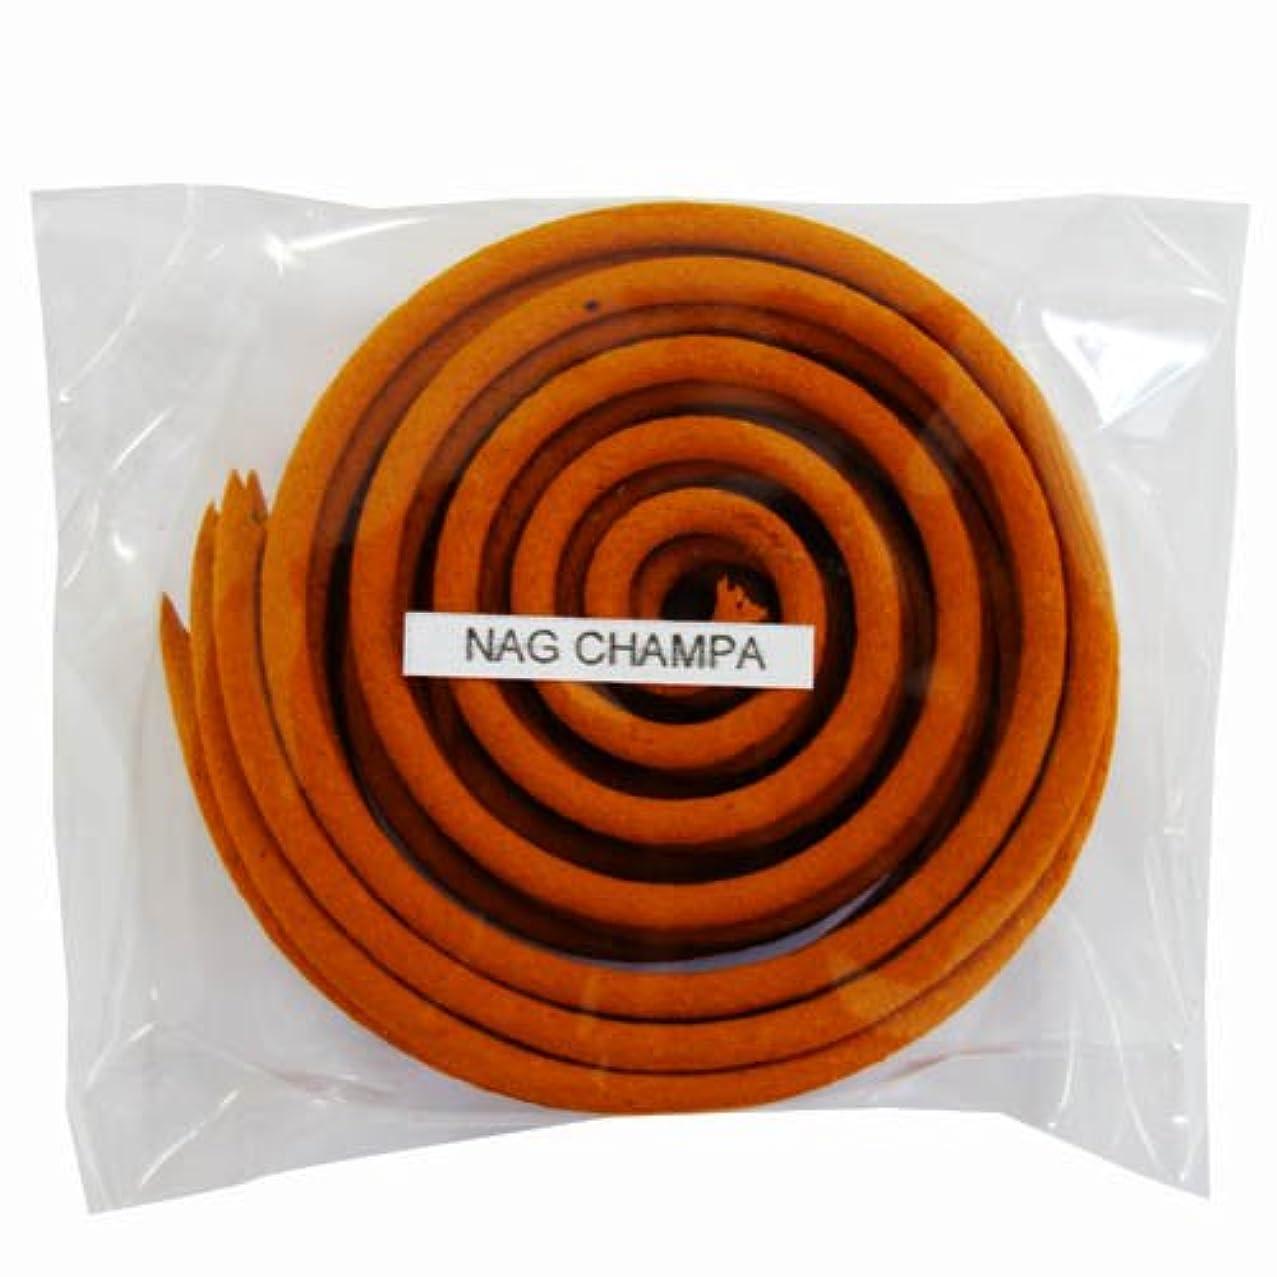 レコーダー密接にカレンダーお香/うずまき香 NAG CHAMPA ナグチャンパ 直径6.5cm×5巻セット [並行輸入品]